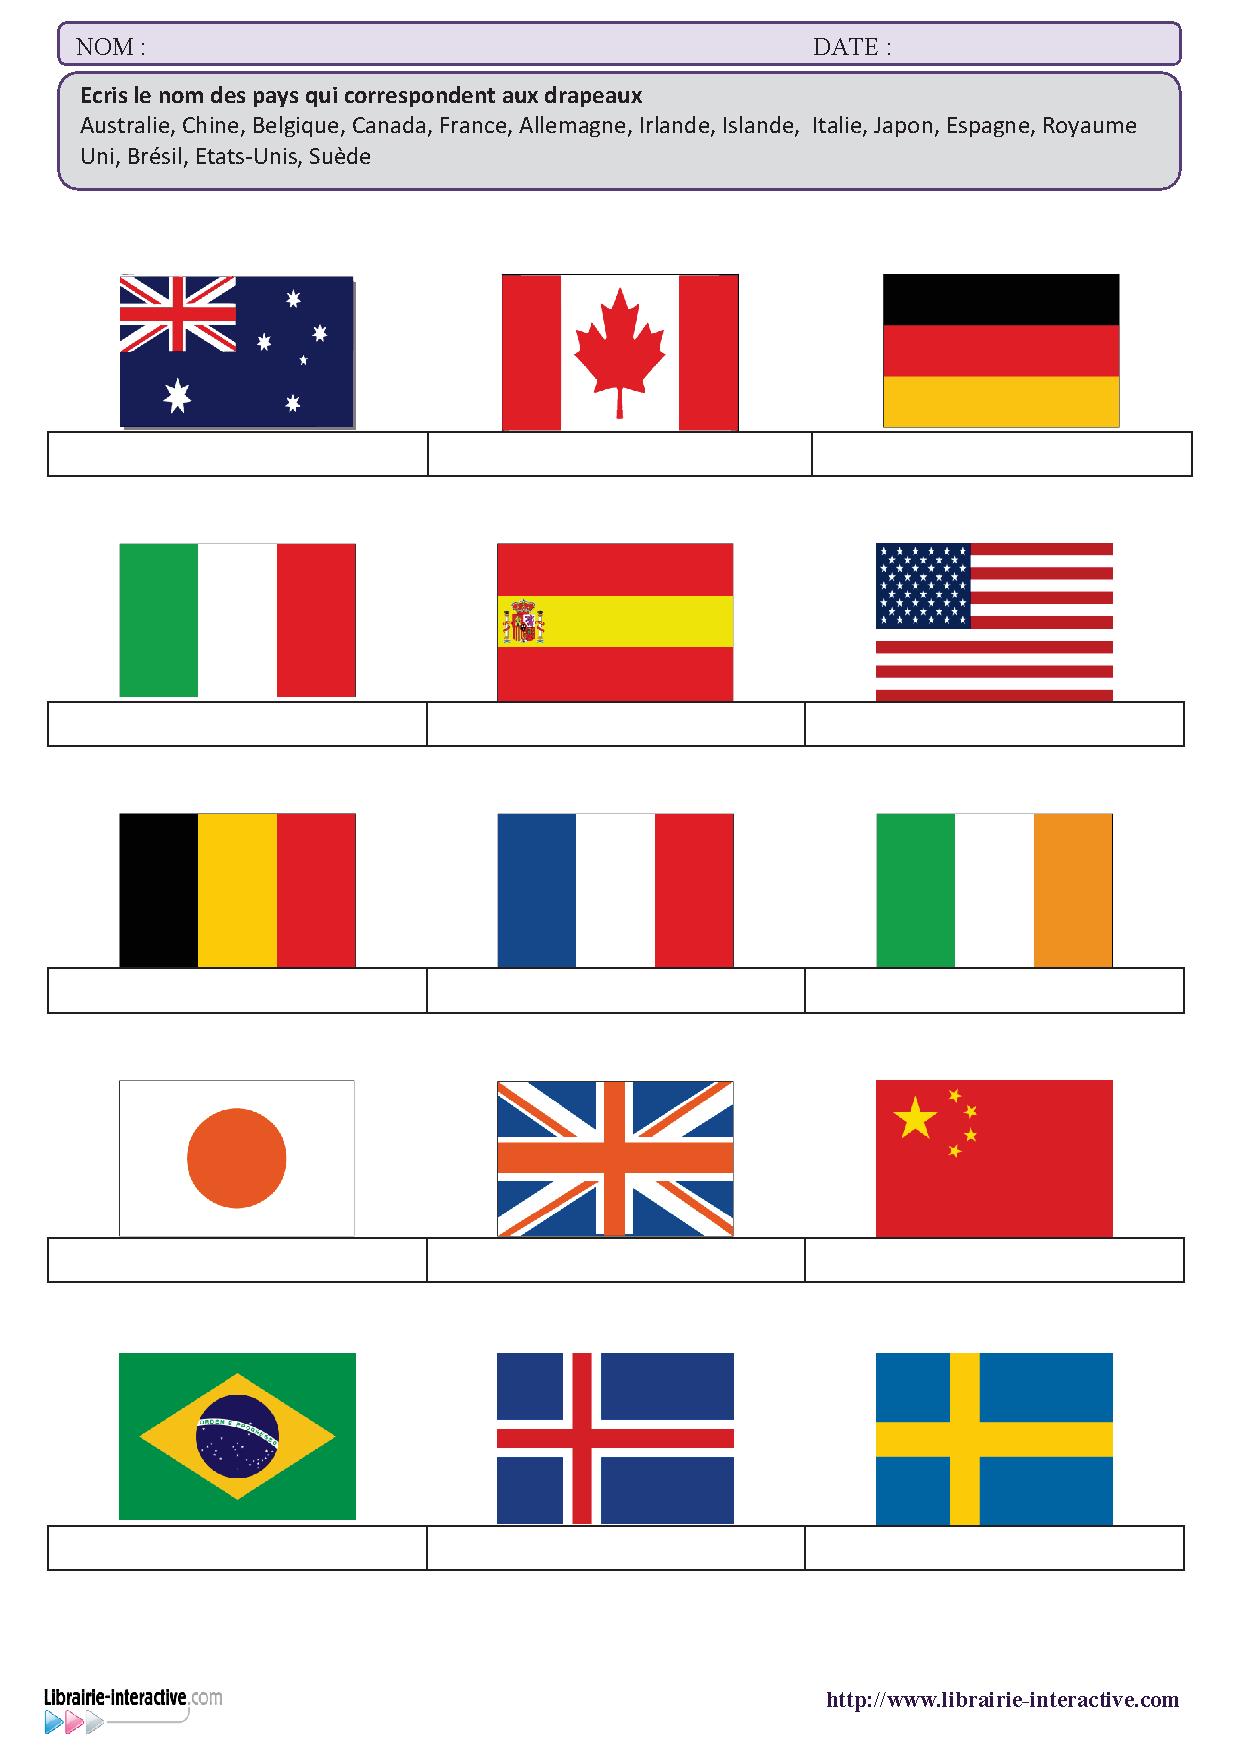 une petite fiche de vocabulaire sur le th u00e8me des pays et des drapeaux pour les  u00e9l u00e8ves de cycle 3